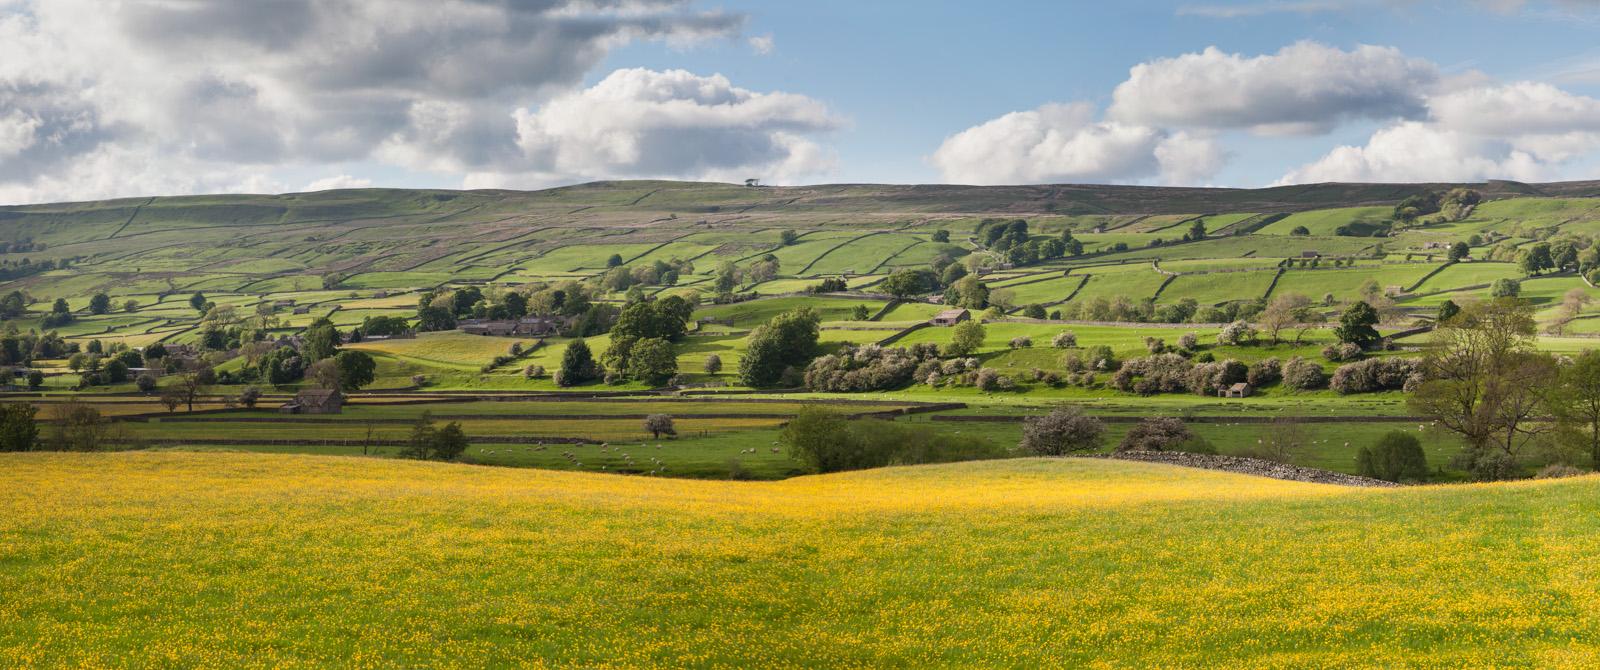 Wensleydale, Yorkshire. England